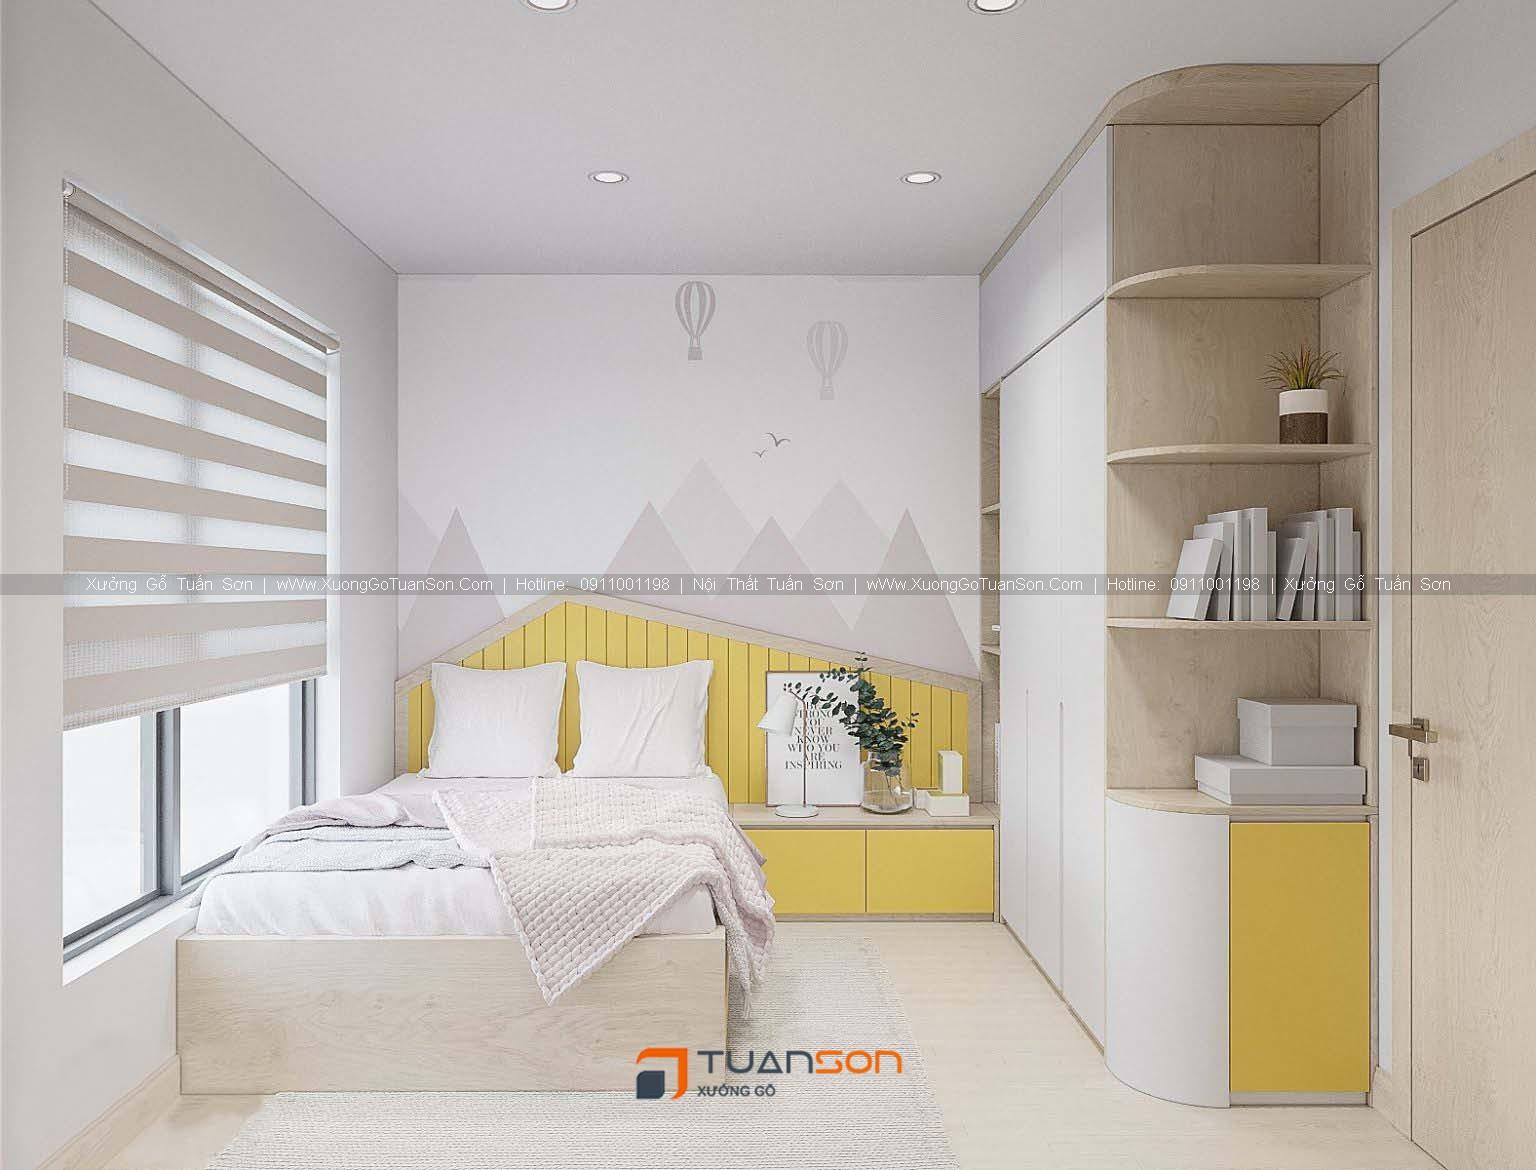 Thiết kế nội thất căn hộ số 08 (73.9m2) 2PN Phương Đông Green Park